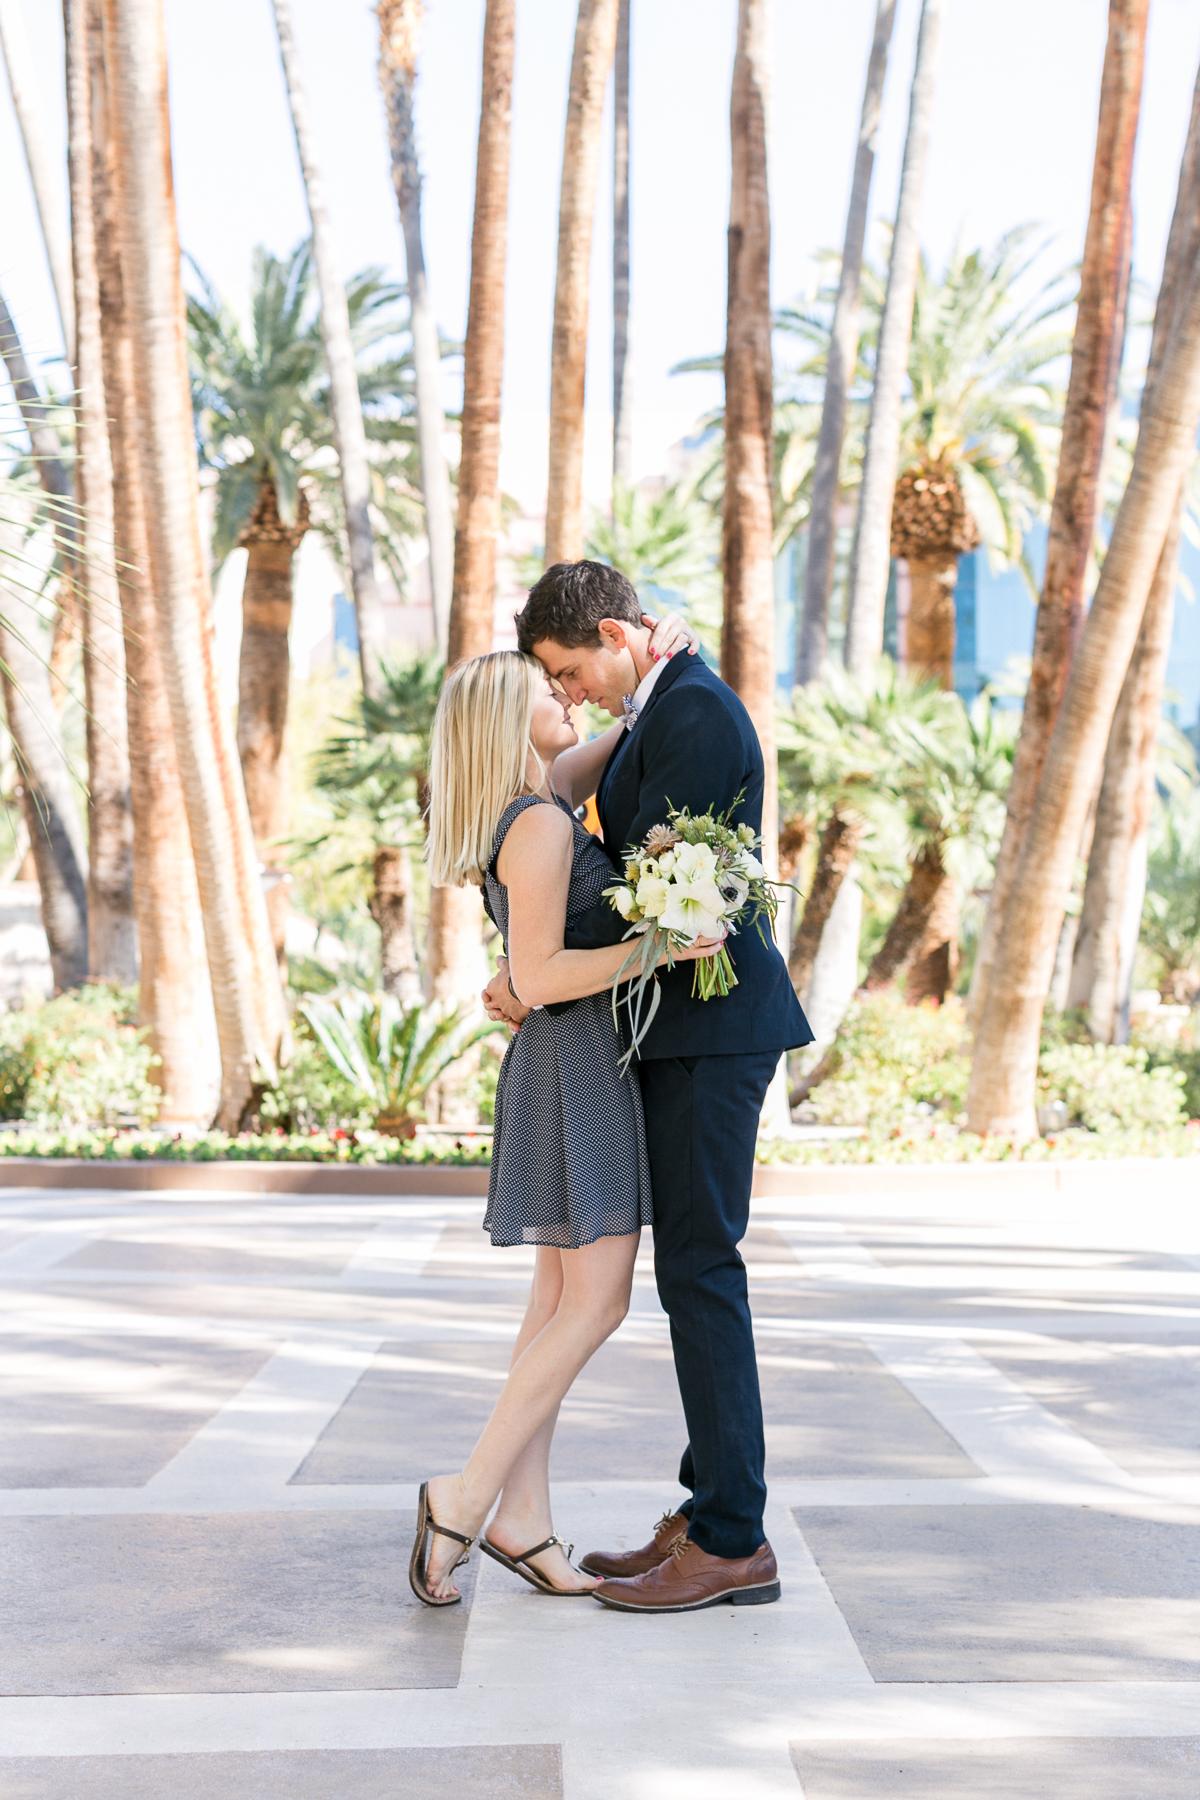 las_vegas-palmen-coupleshoot-brautpaar-paarshooting-blumen-hochzeit-wedding-marriage-hochzeitsfotograf-muenchen-luxembourg-trier.jpg